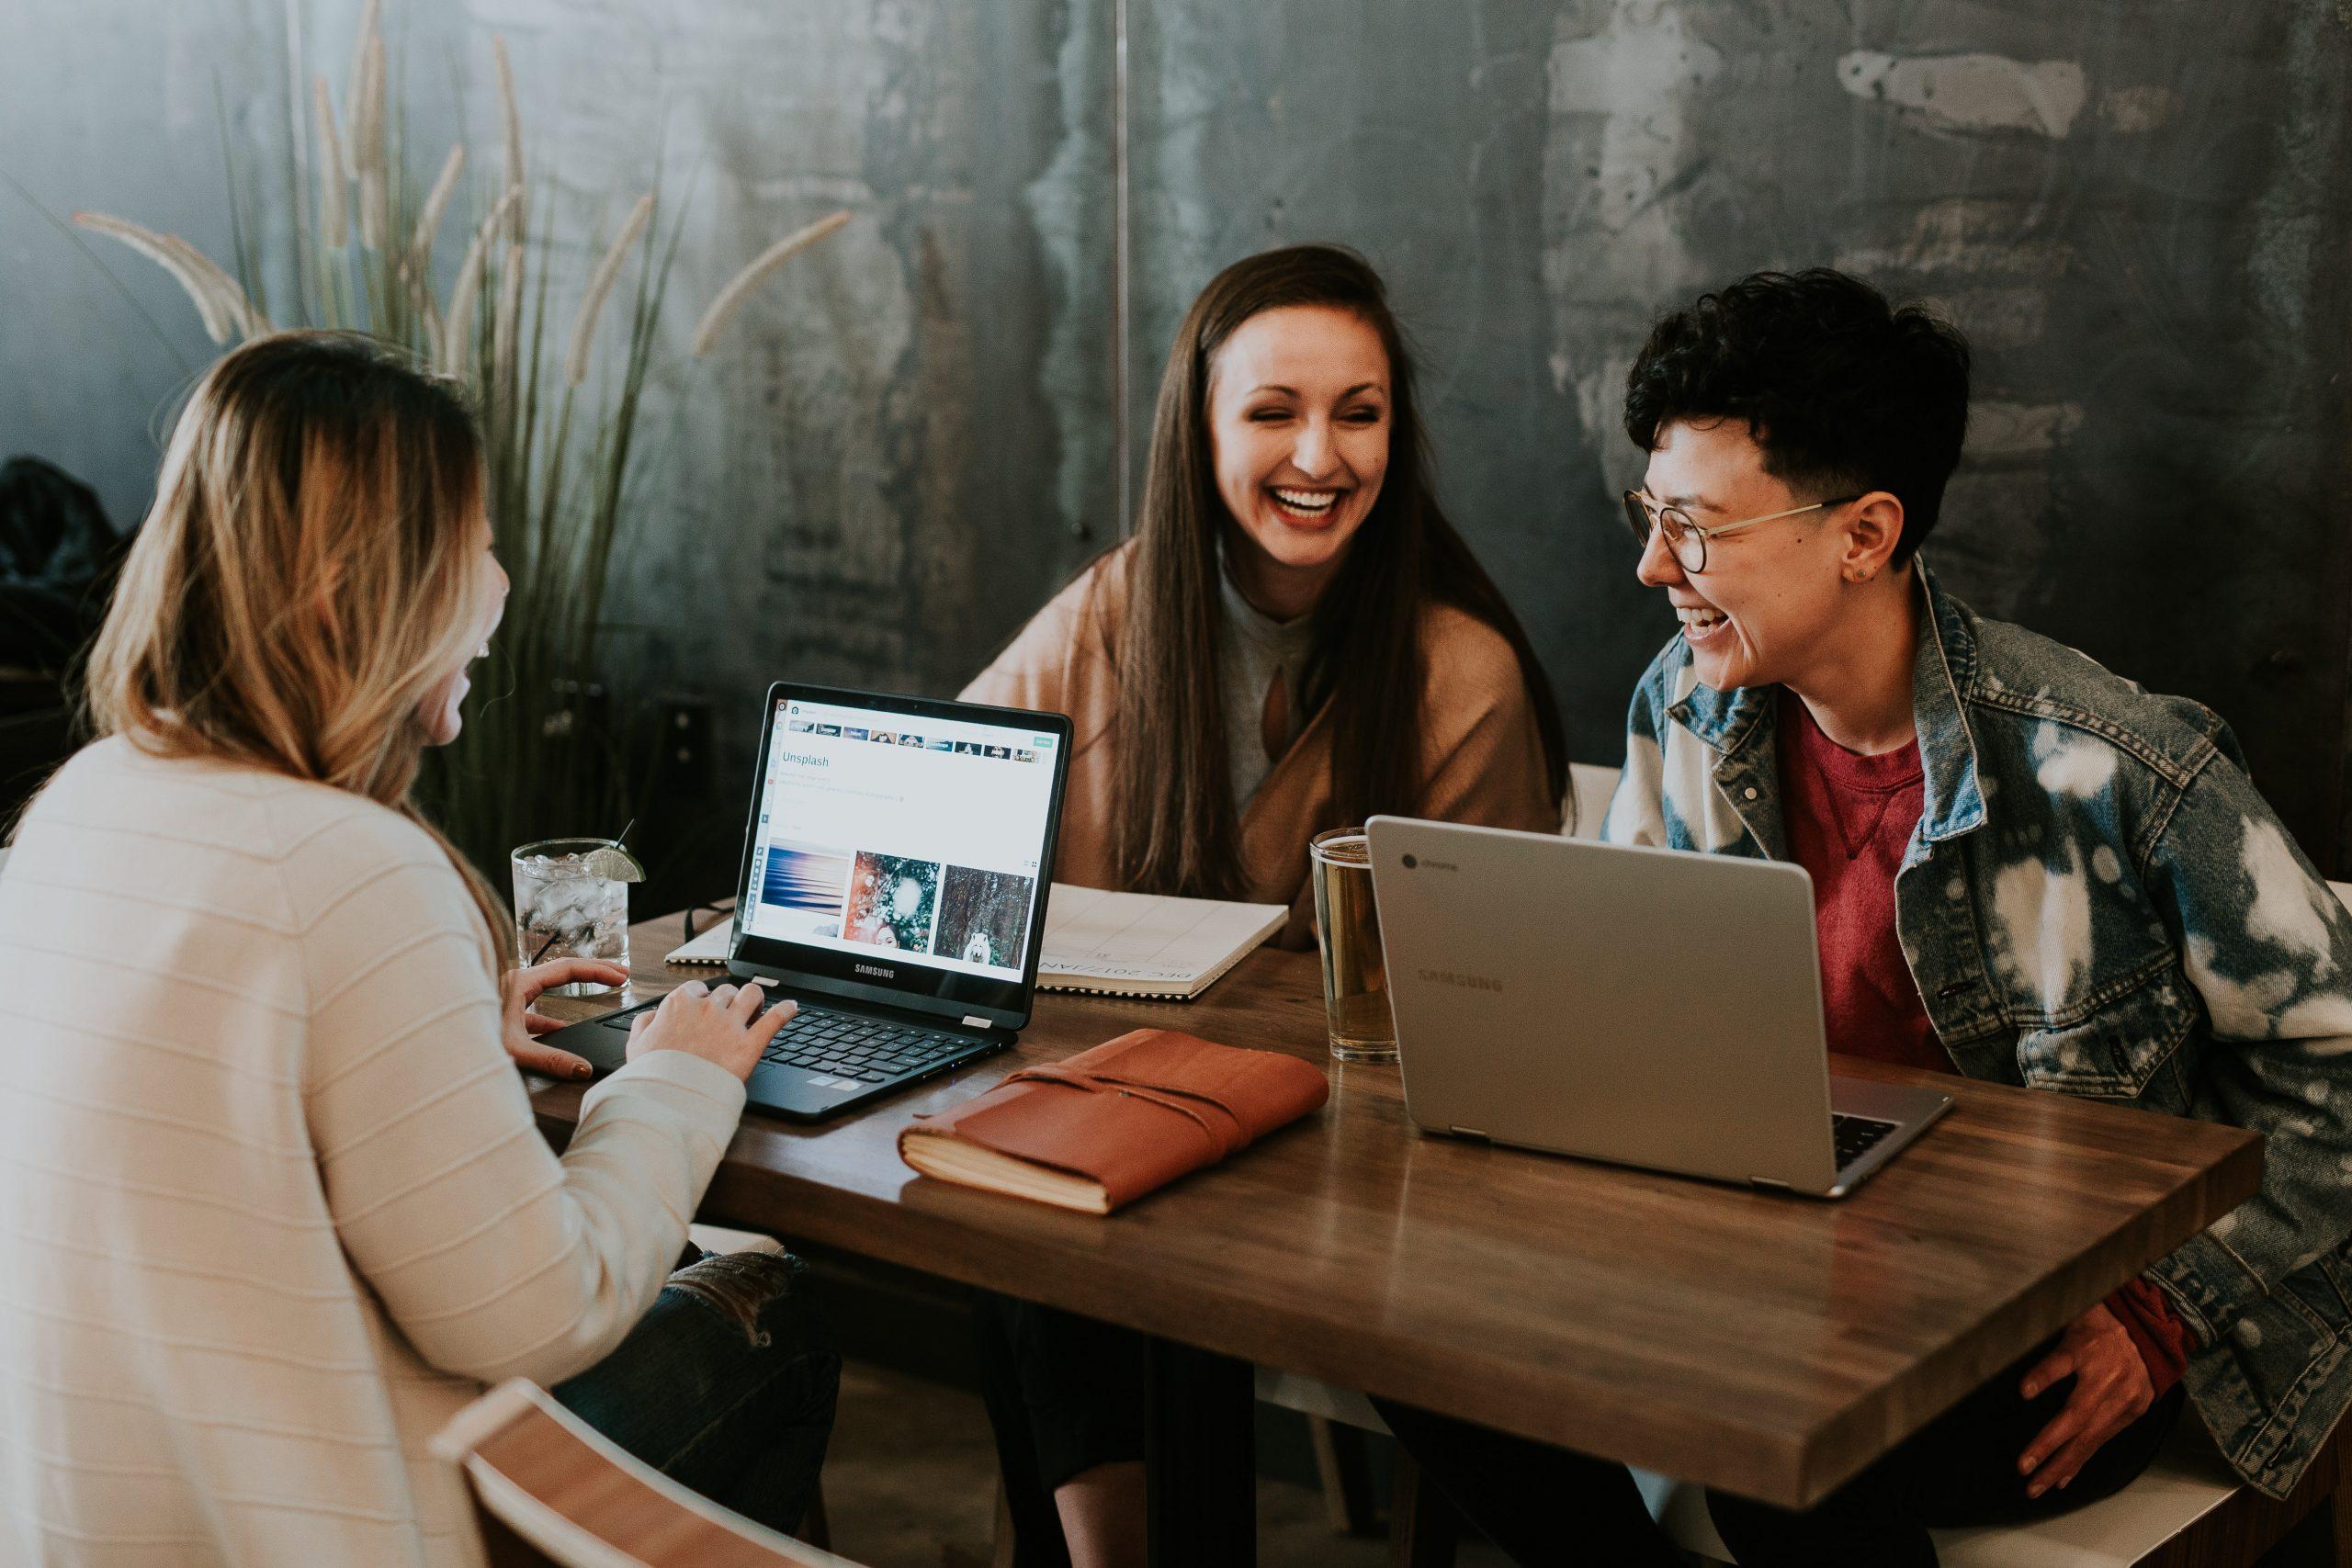 Warum Unternehmen ihre Wellbeing-Programme nicht kürzen, sondern sogar verbessern wollen